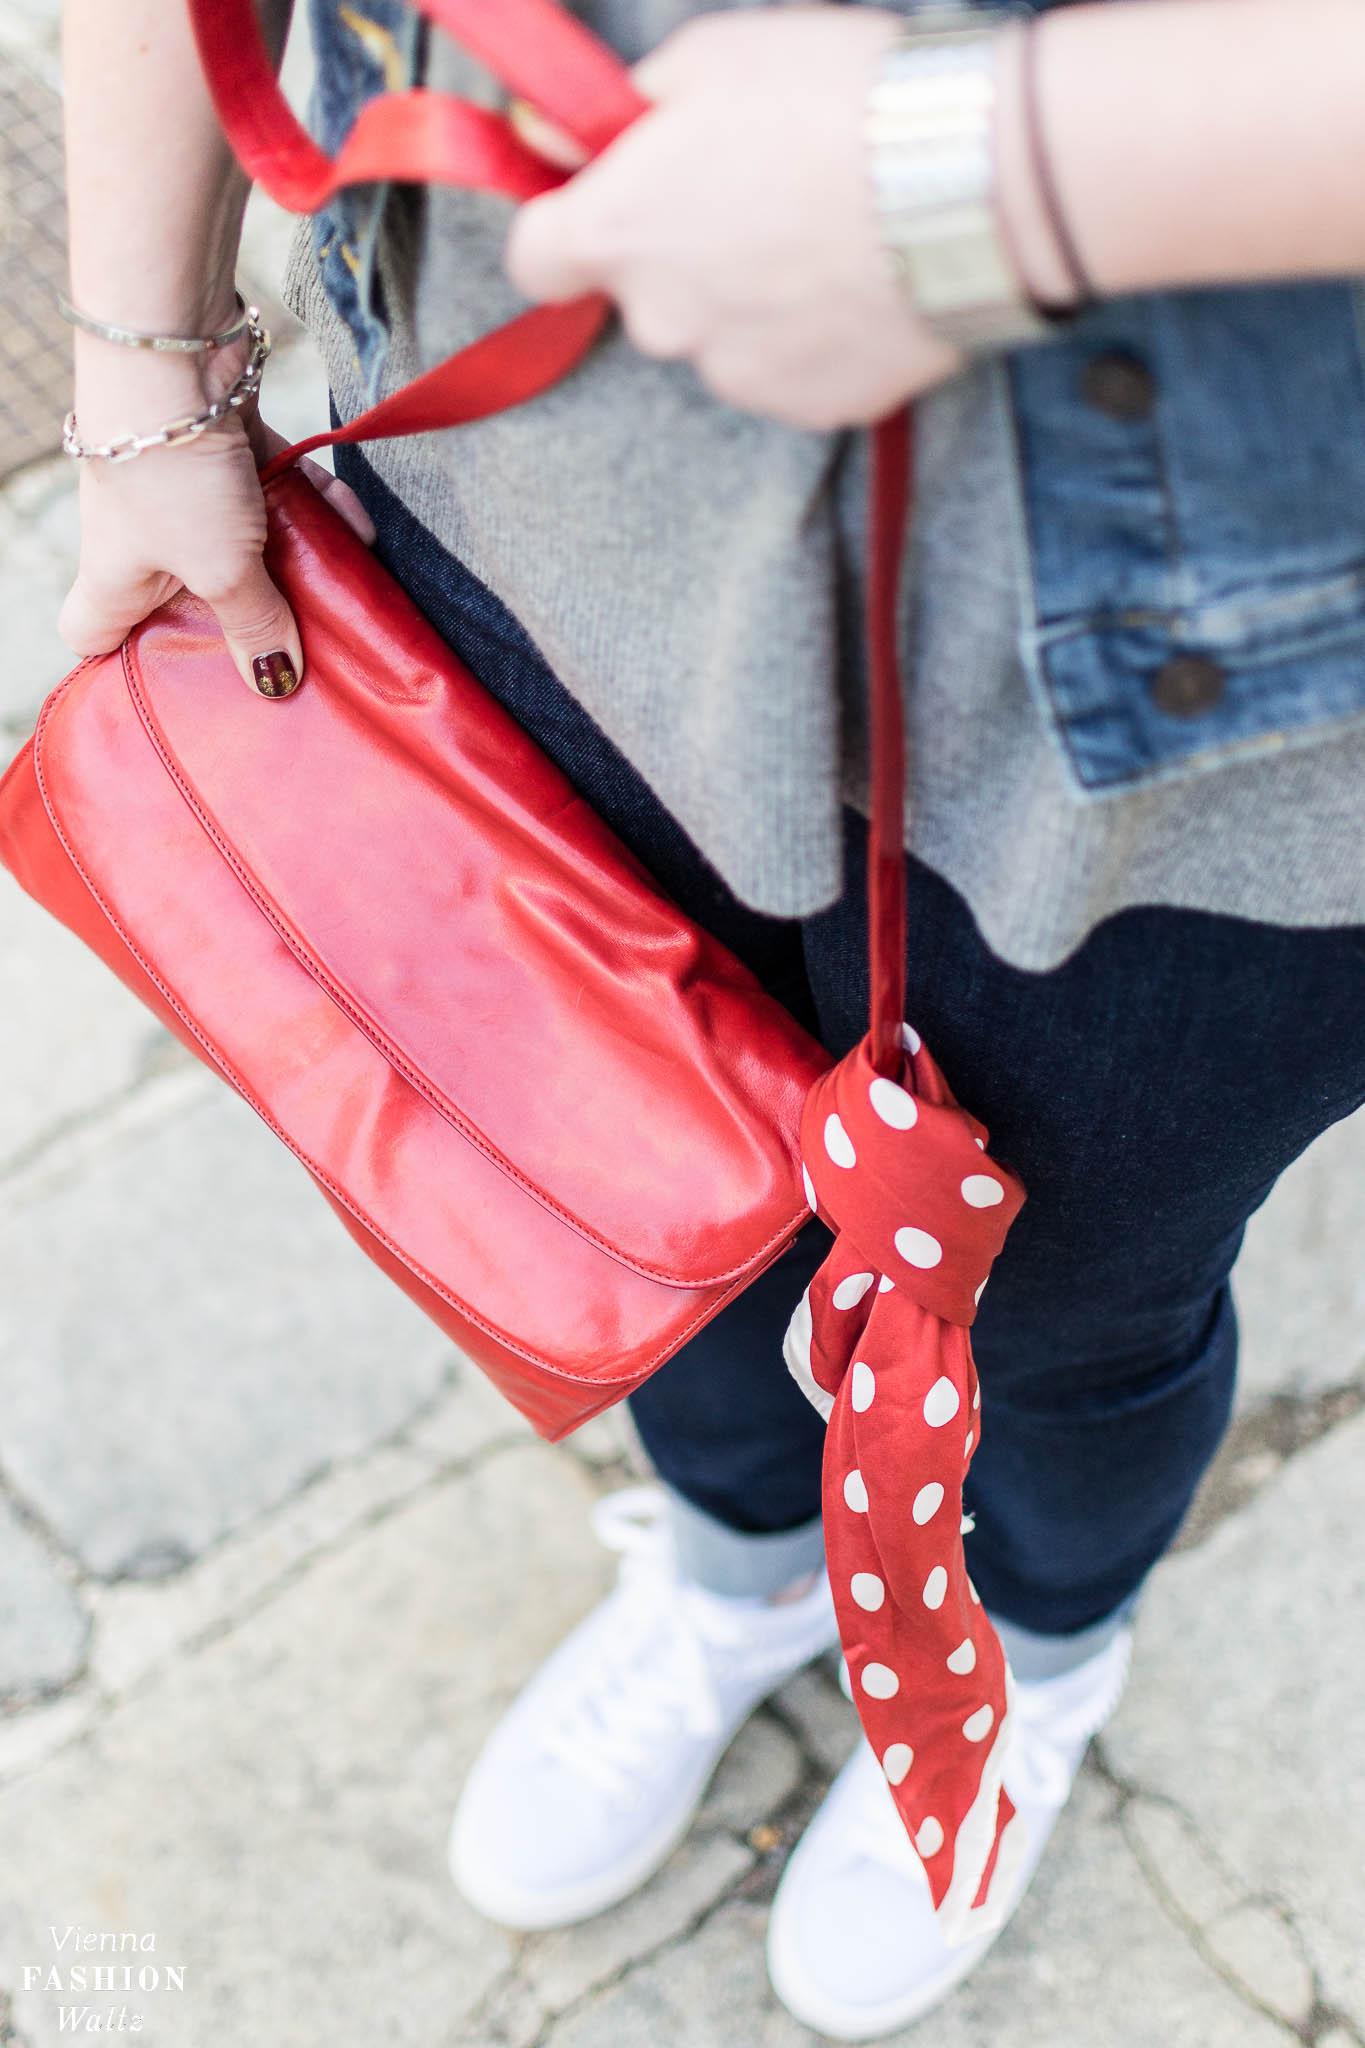 Red Bag, Rote Tasche, Dark Denim Outfit mit Streifen Sneakers und Kaschmir Pulli | Dark Denim Jeans Streetstyle, Outfit, Denim All Over, Jeansjacke, Statement Sneakers mit Streifen von Deichmann, Vintage Bally Bag, Fashion Trends